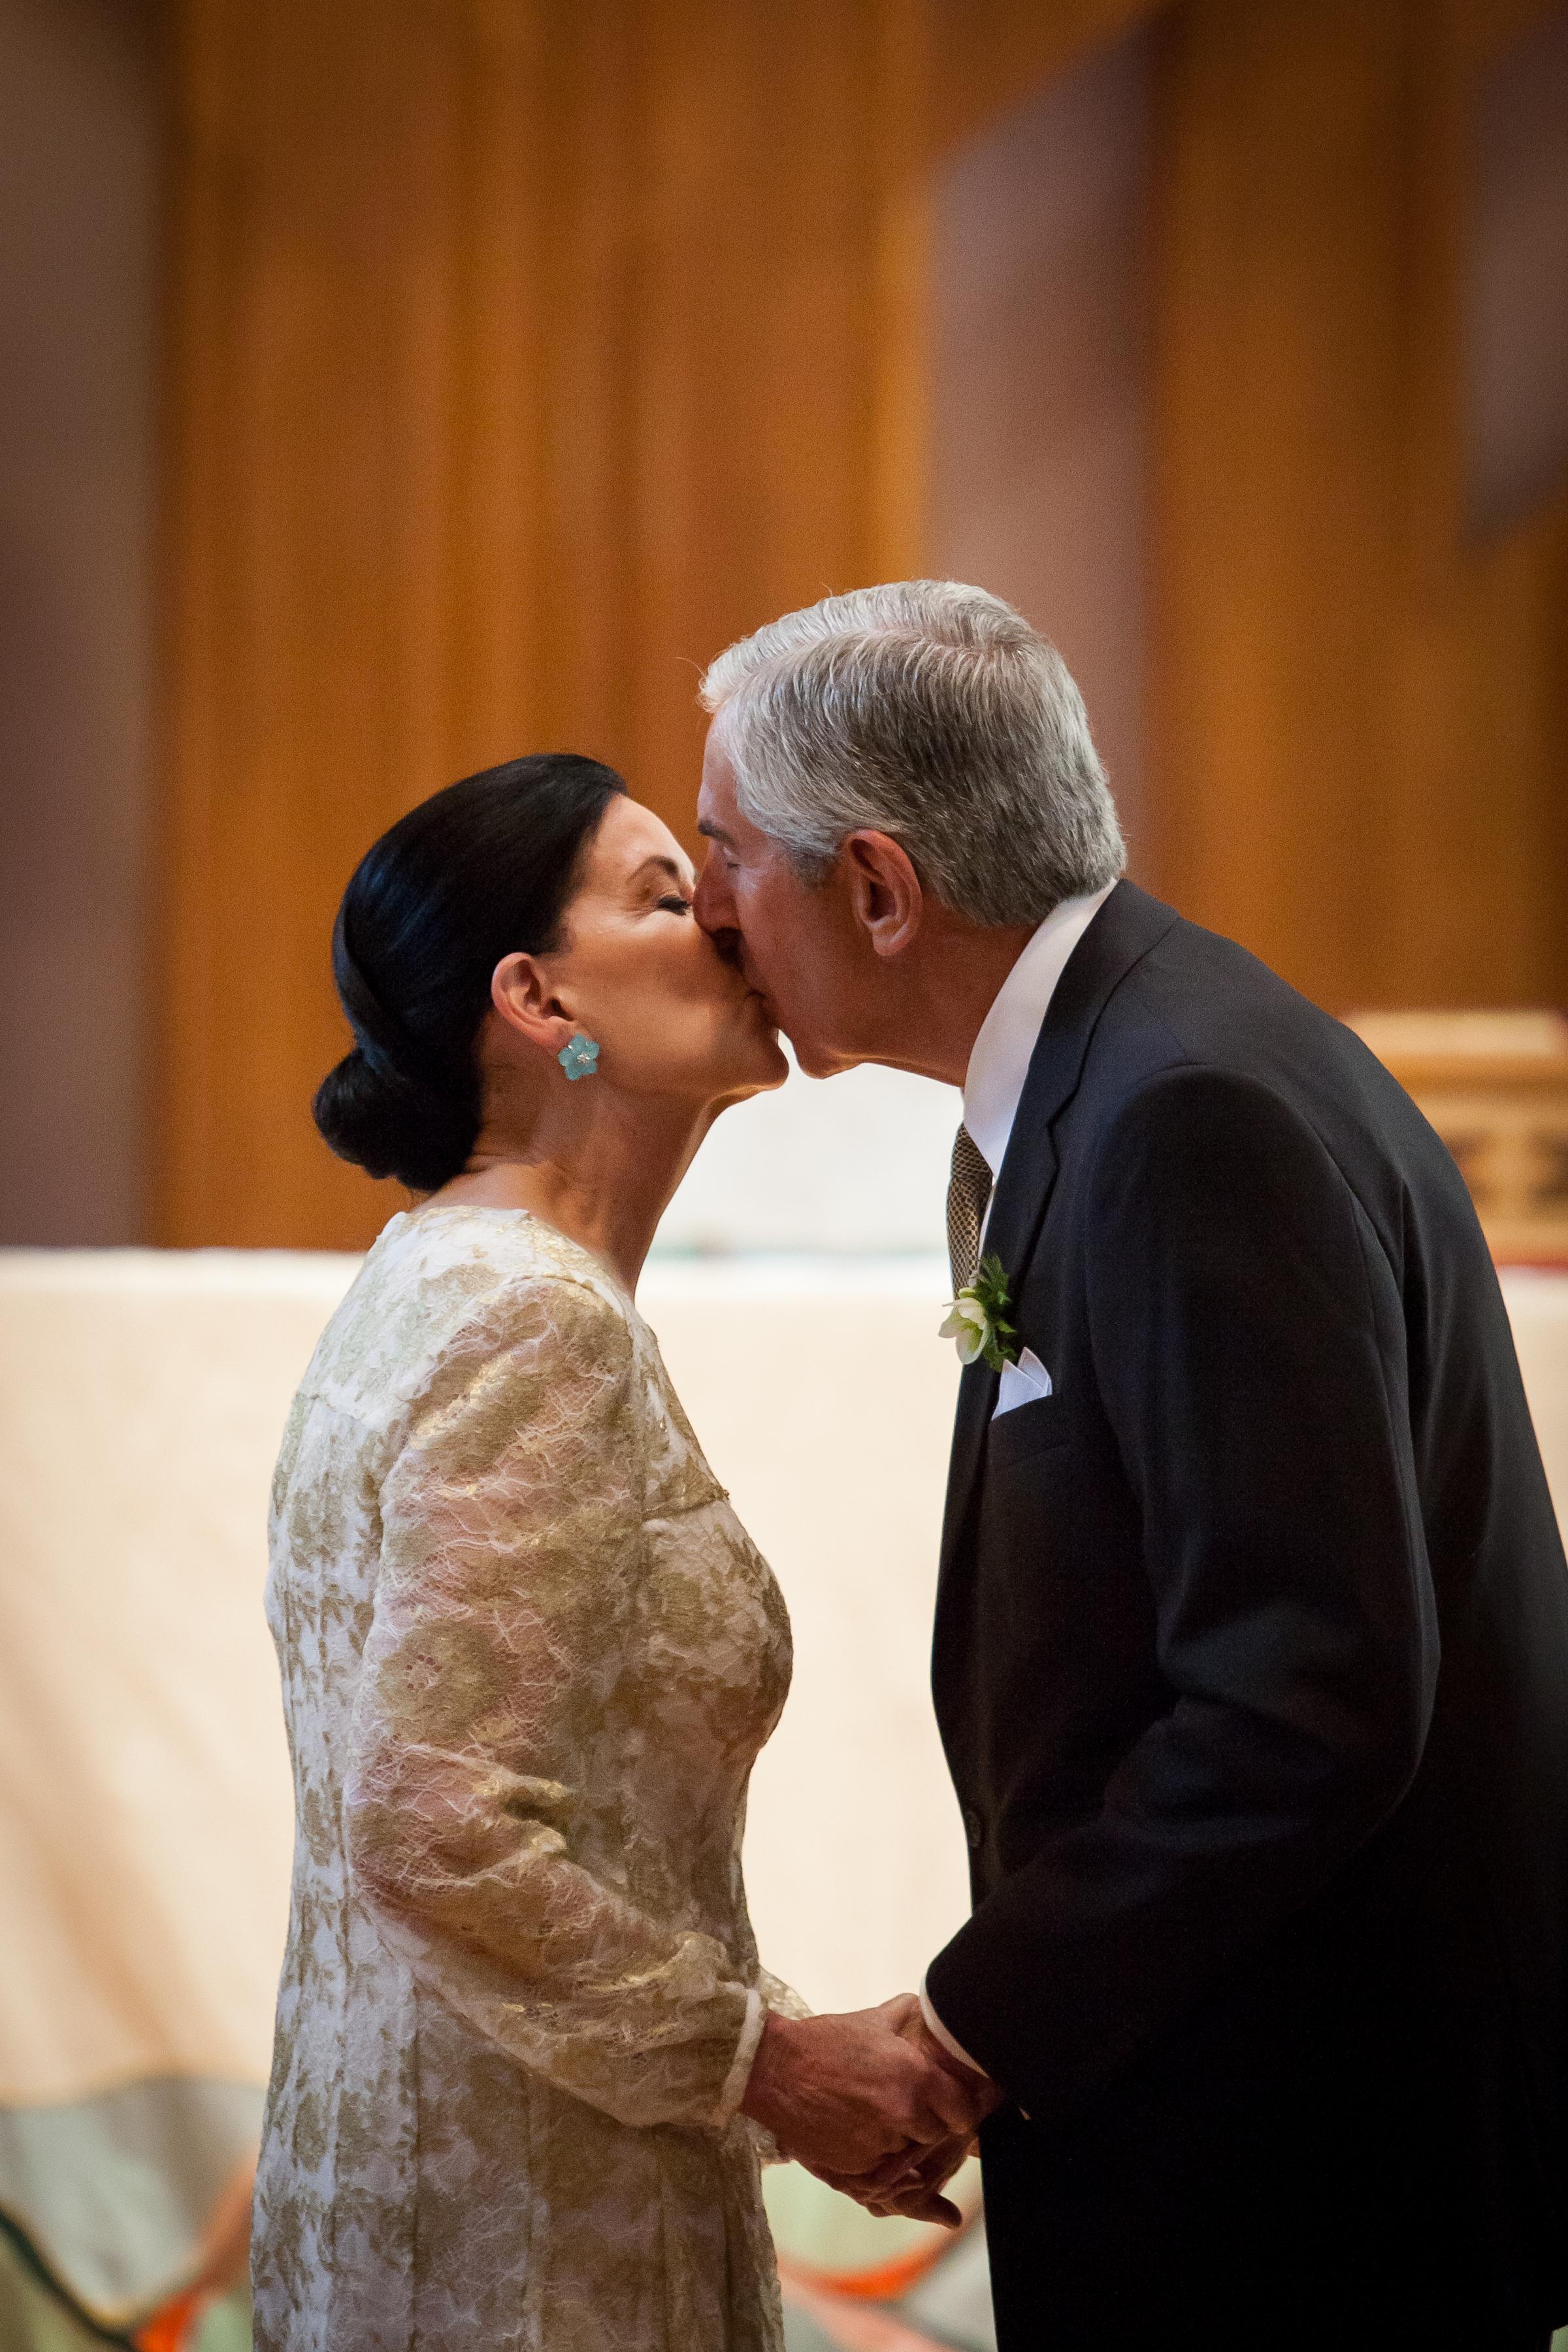 031 - bride & groom kiss.jpg